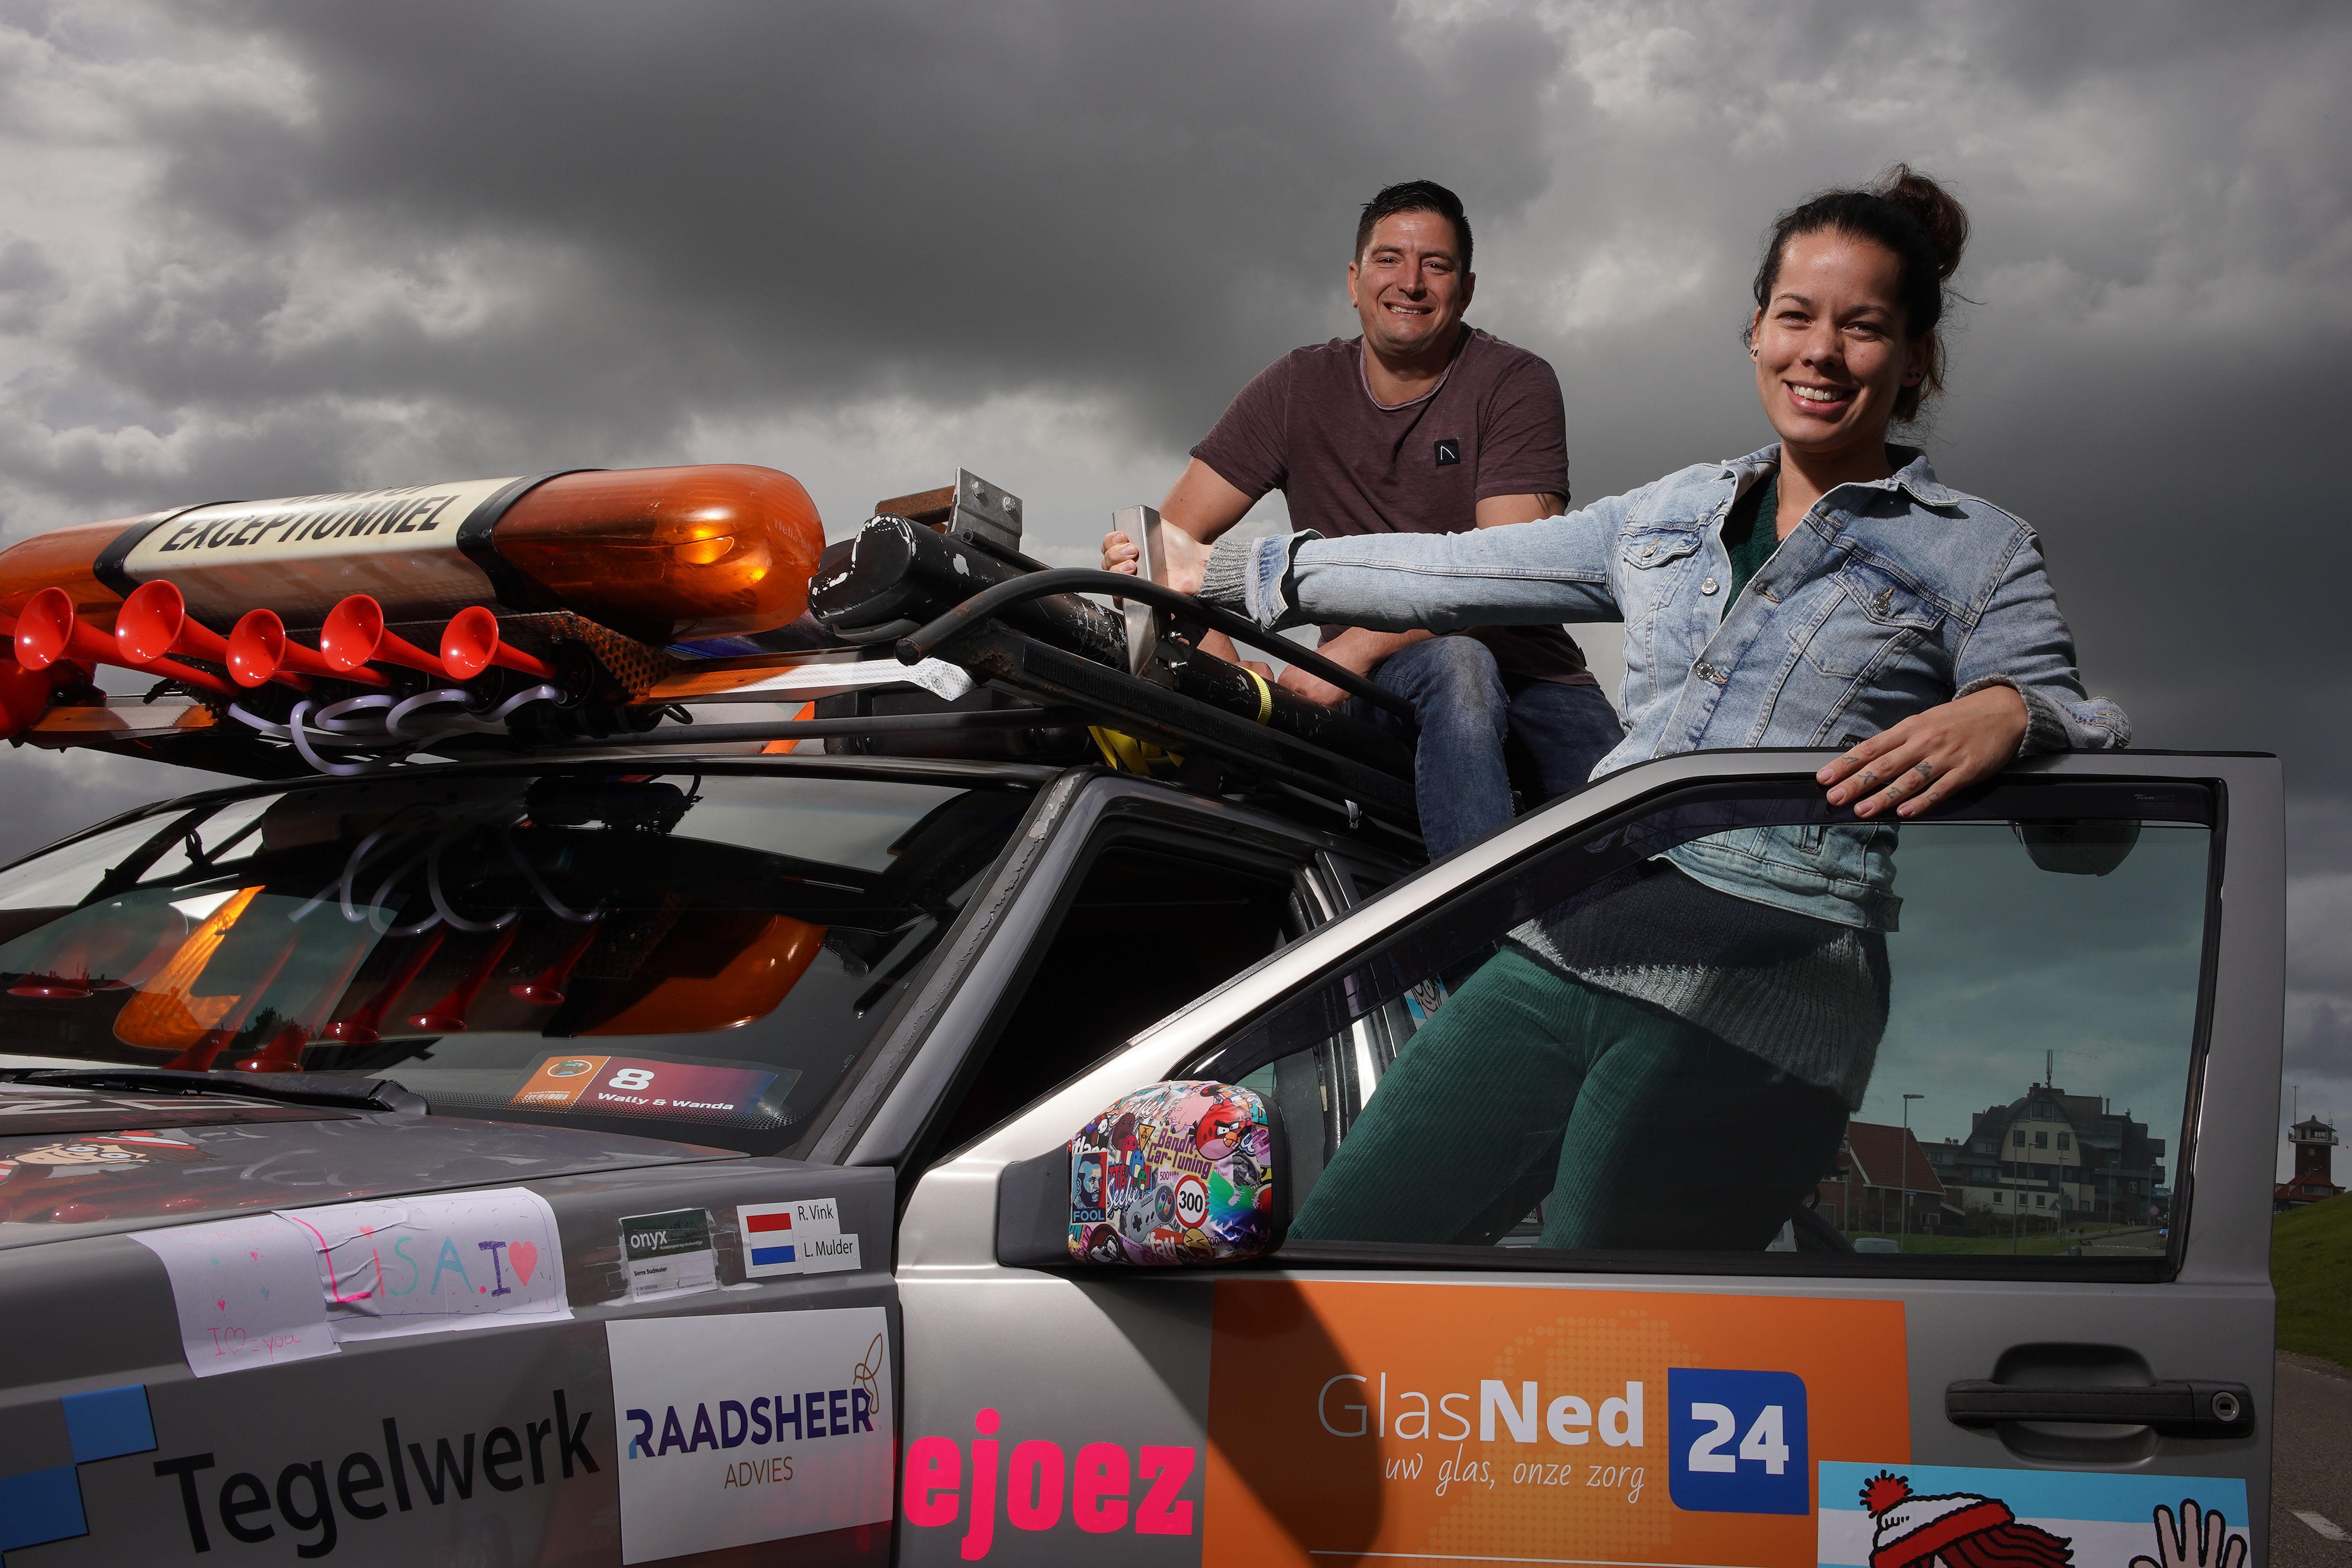 'Dát is nou echt iets voor ons': met een ouwe rammelbak maken Ron en Lisa uit Den Helder een roadtrip voor het goede doel door Europa